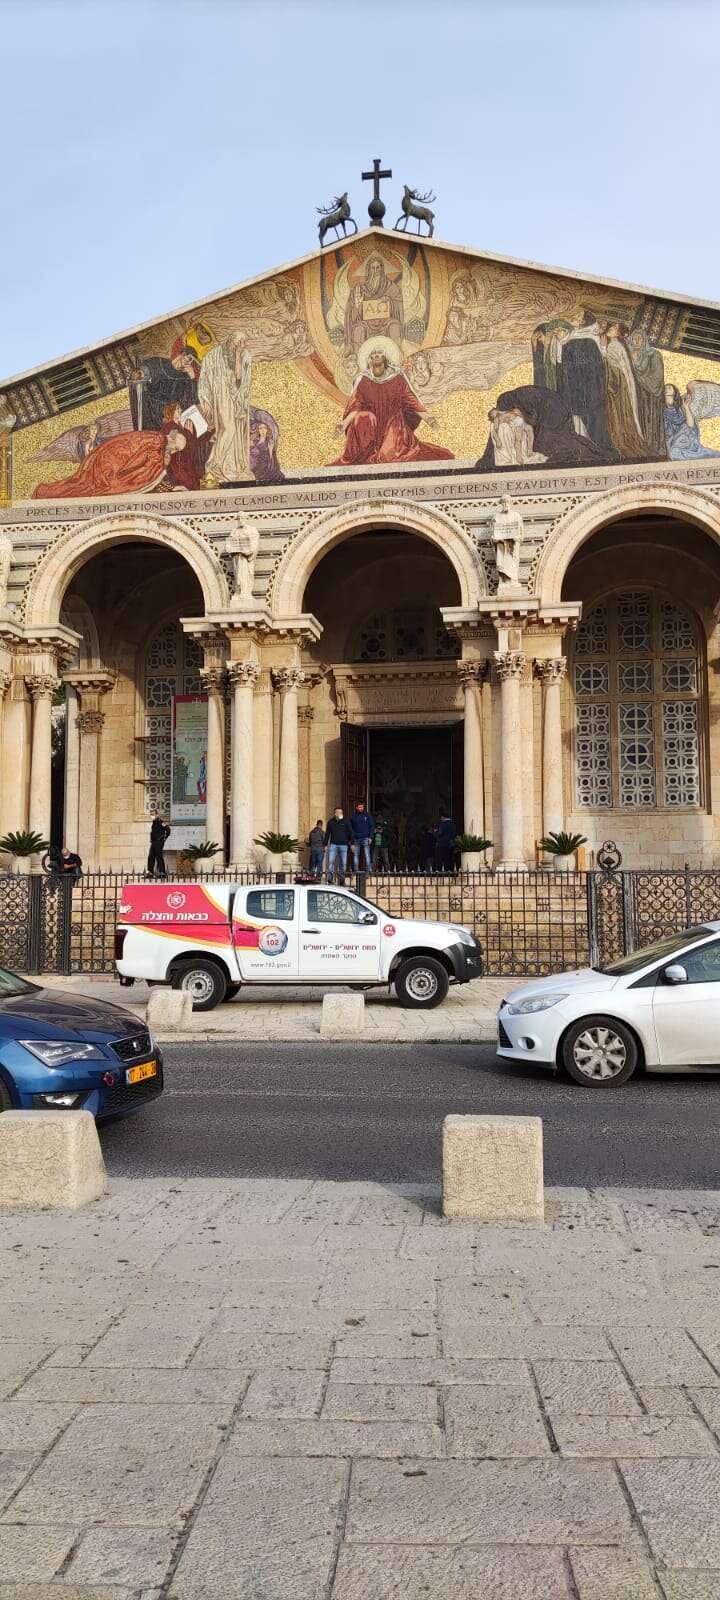 ירדן מגנה את ניסיון הצתת הכנסייה בירושלים